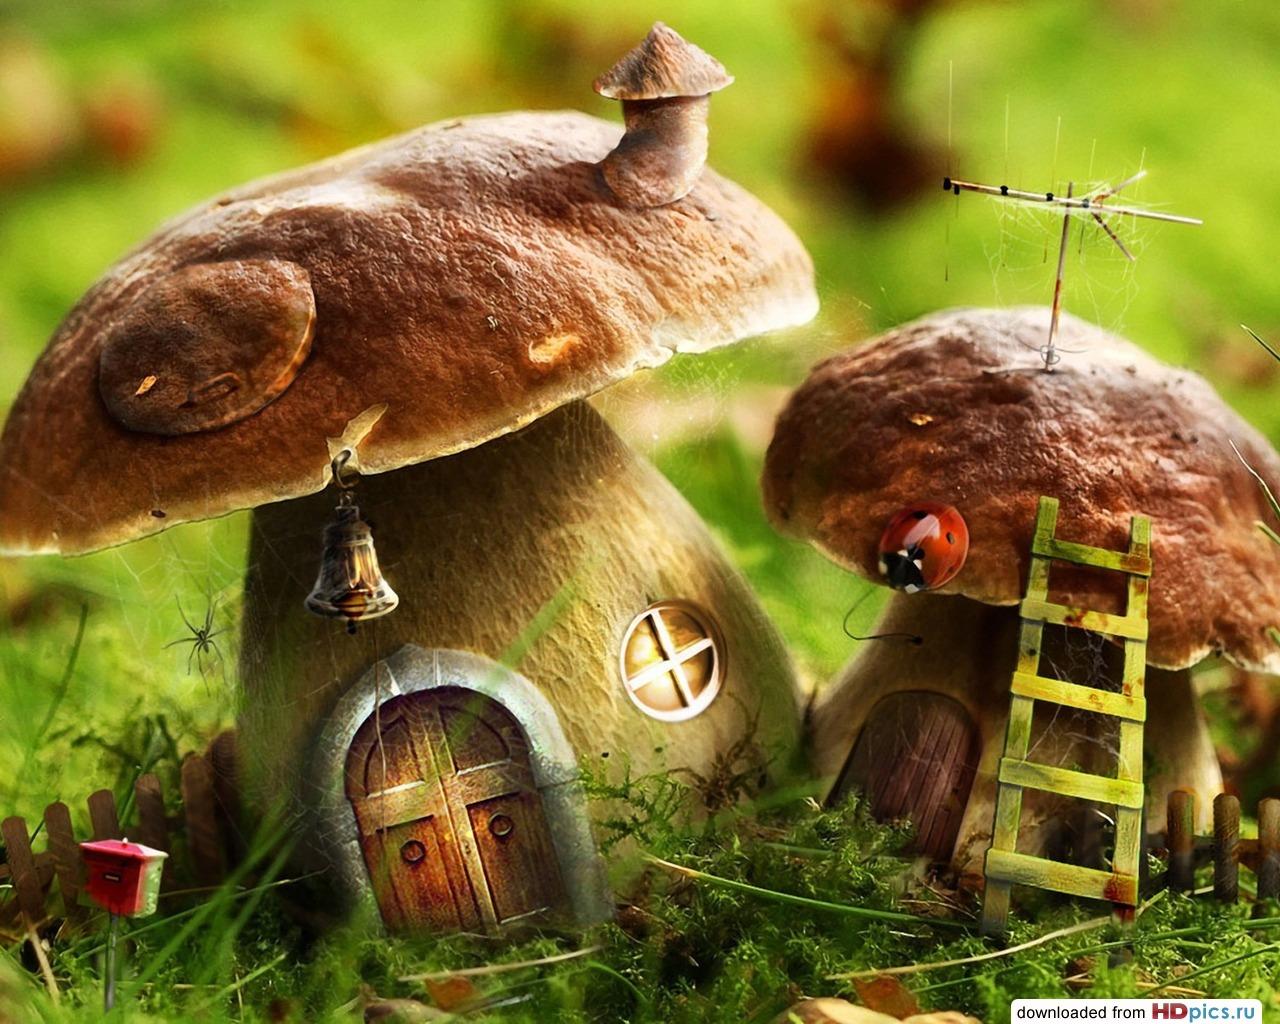 Картинки осень грибы на рабочий стол на весь экран (2)